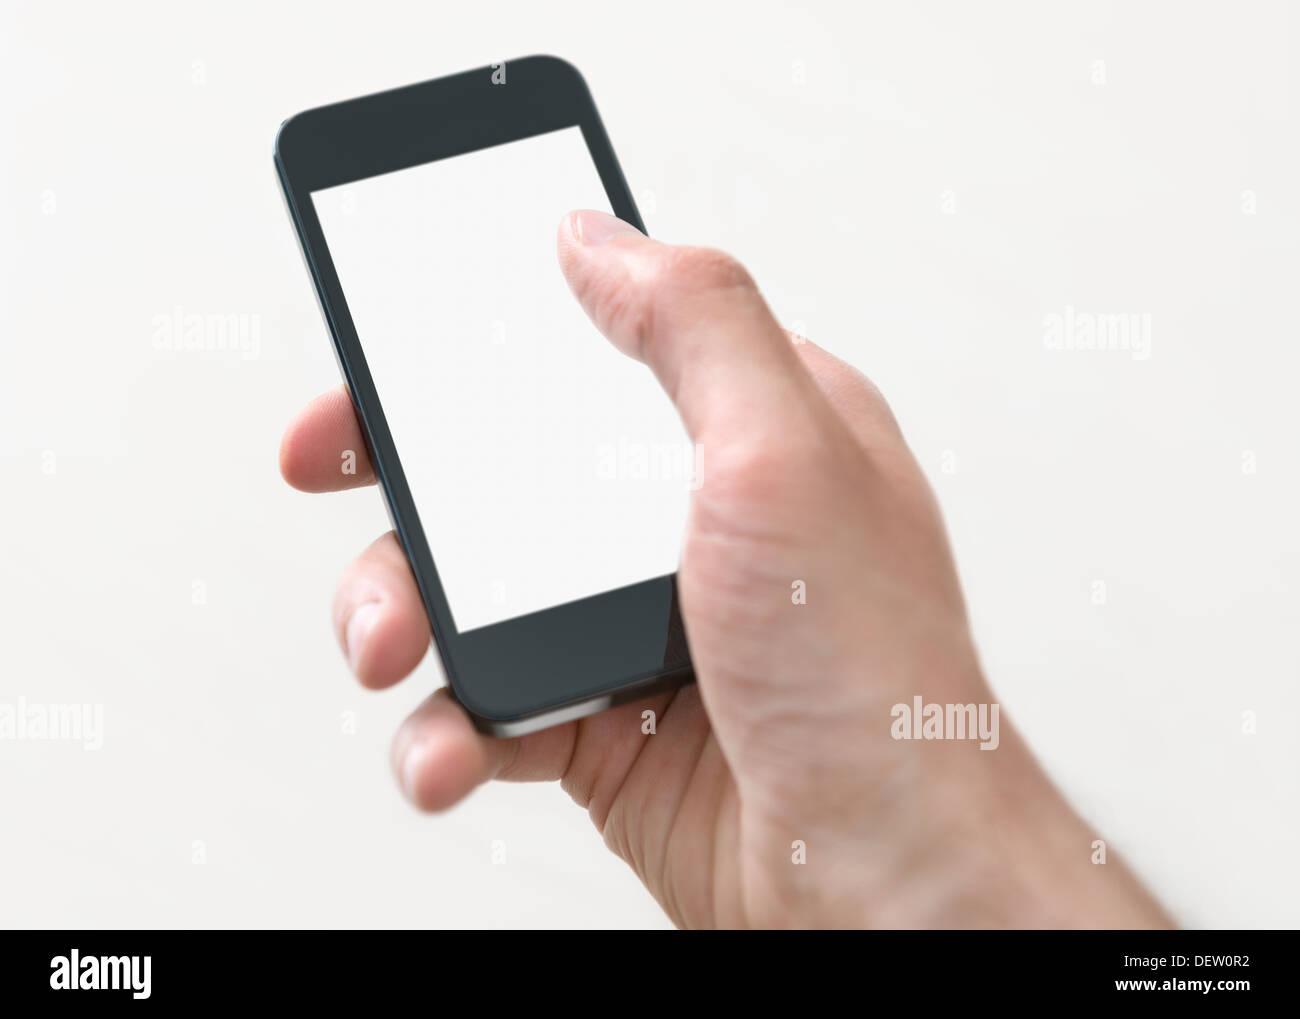 Maschio tenuta a mano e toccando sul mobile smartphone con schermo vuoto. Isolato su sfondo bianco. Immagini Stock